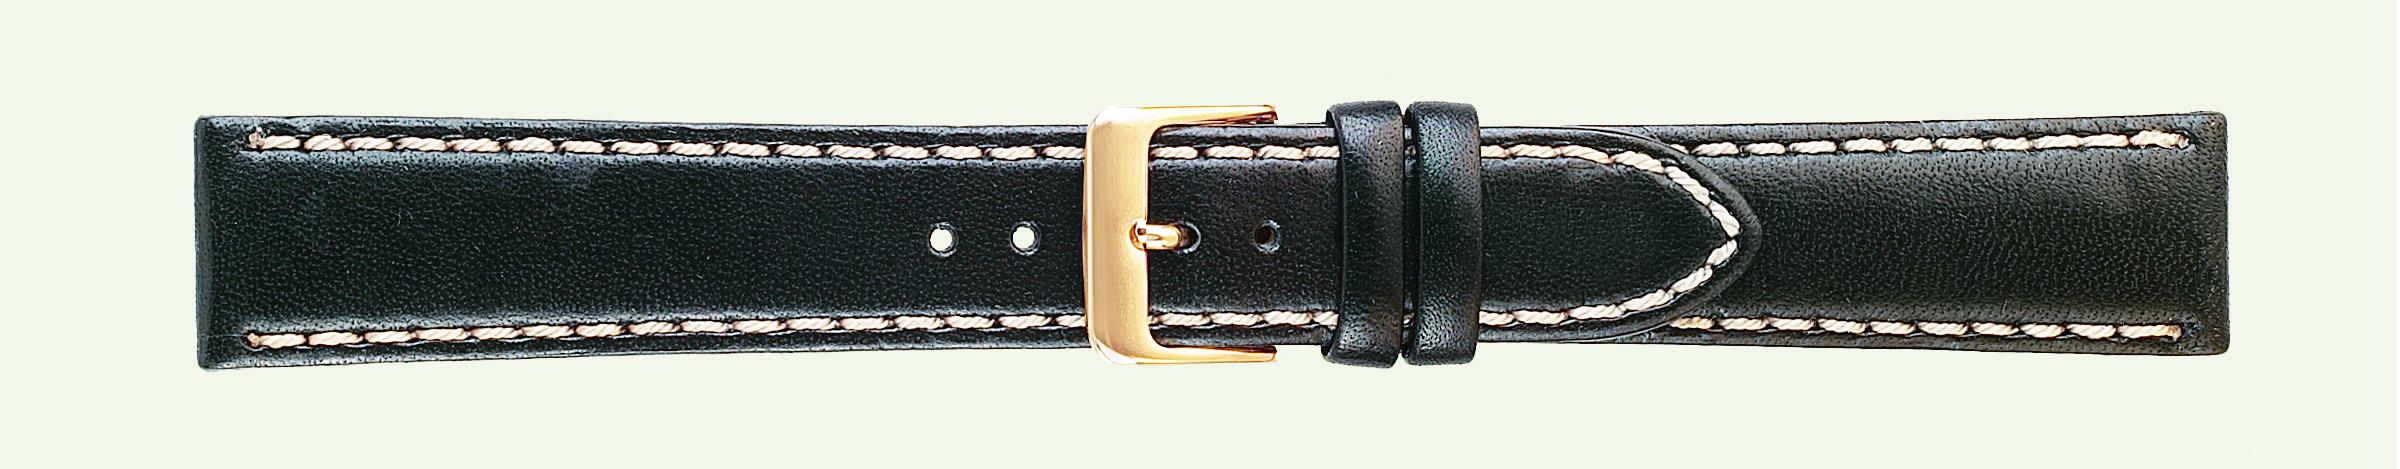 18MM Saddle Stitched Black Leather Band-0